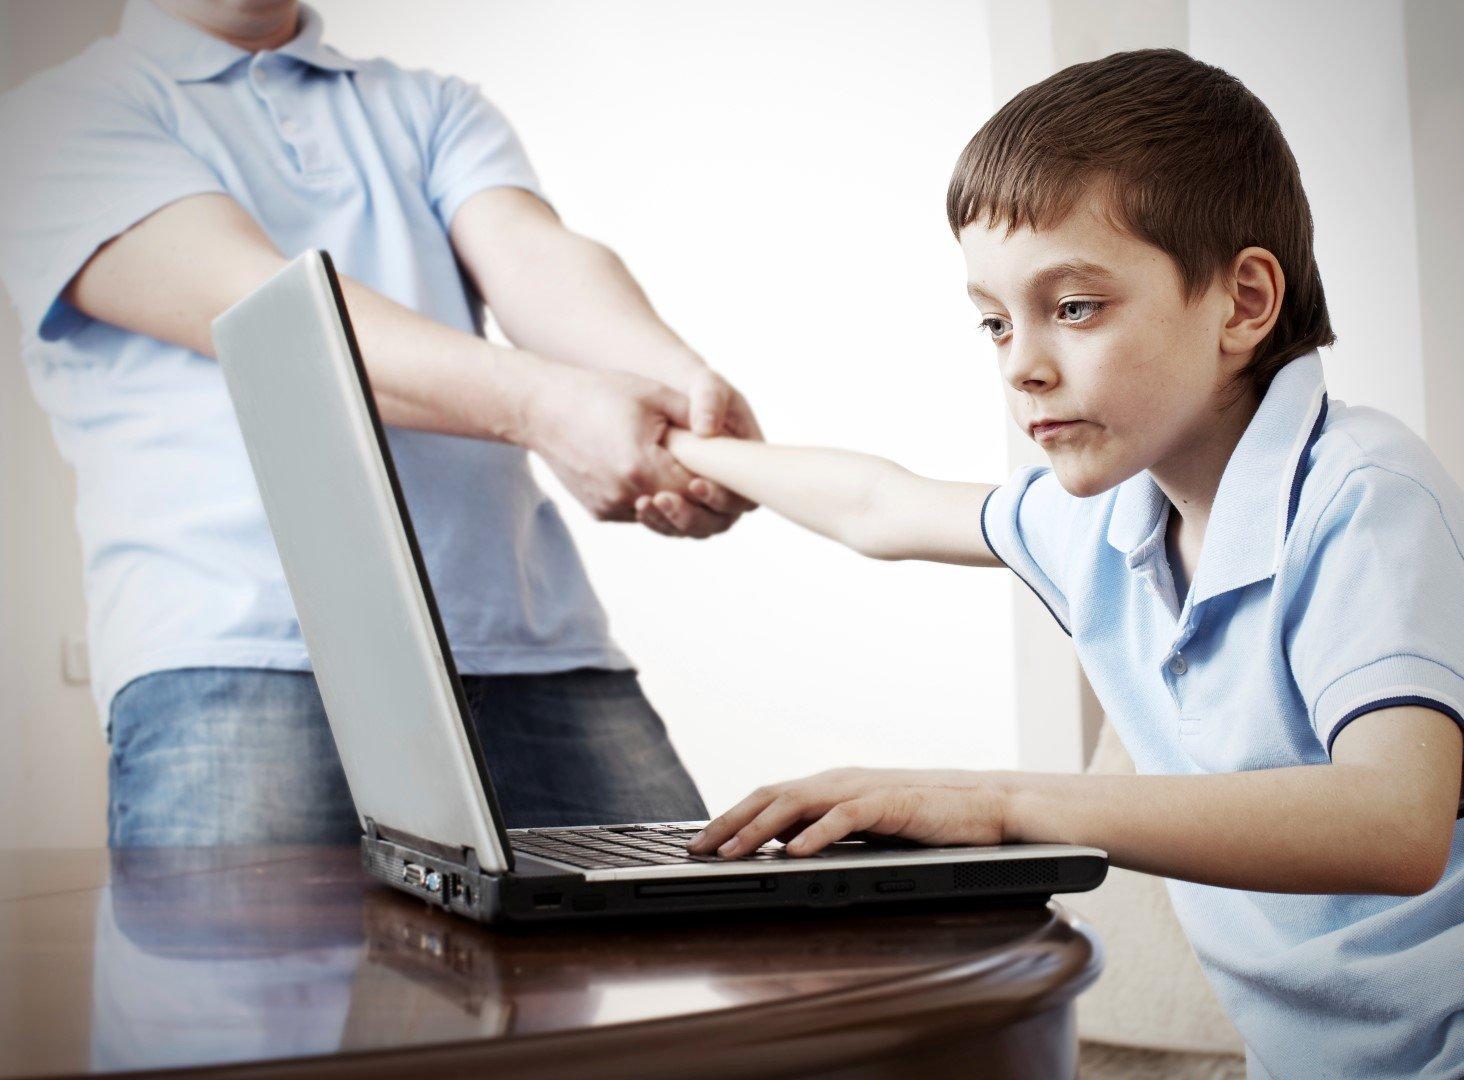 Интернет-зависимость — первая причина для беспокойства